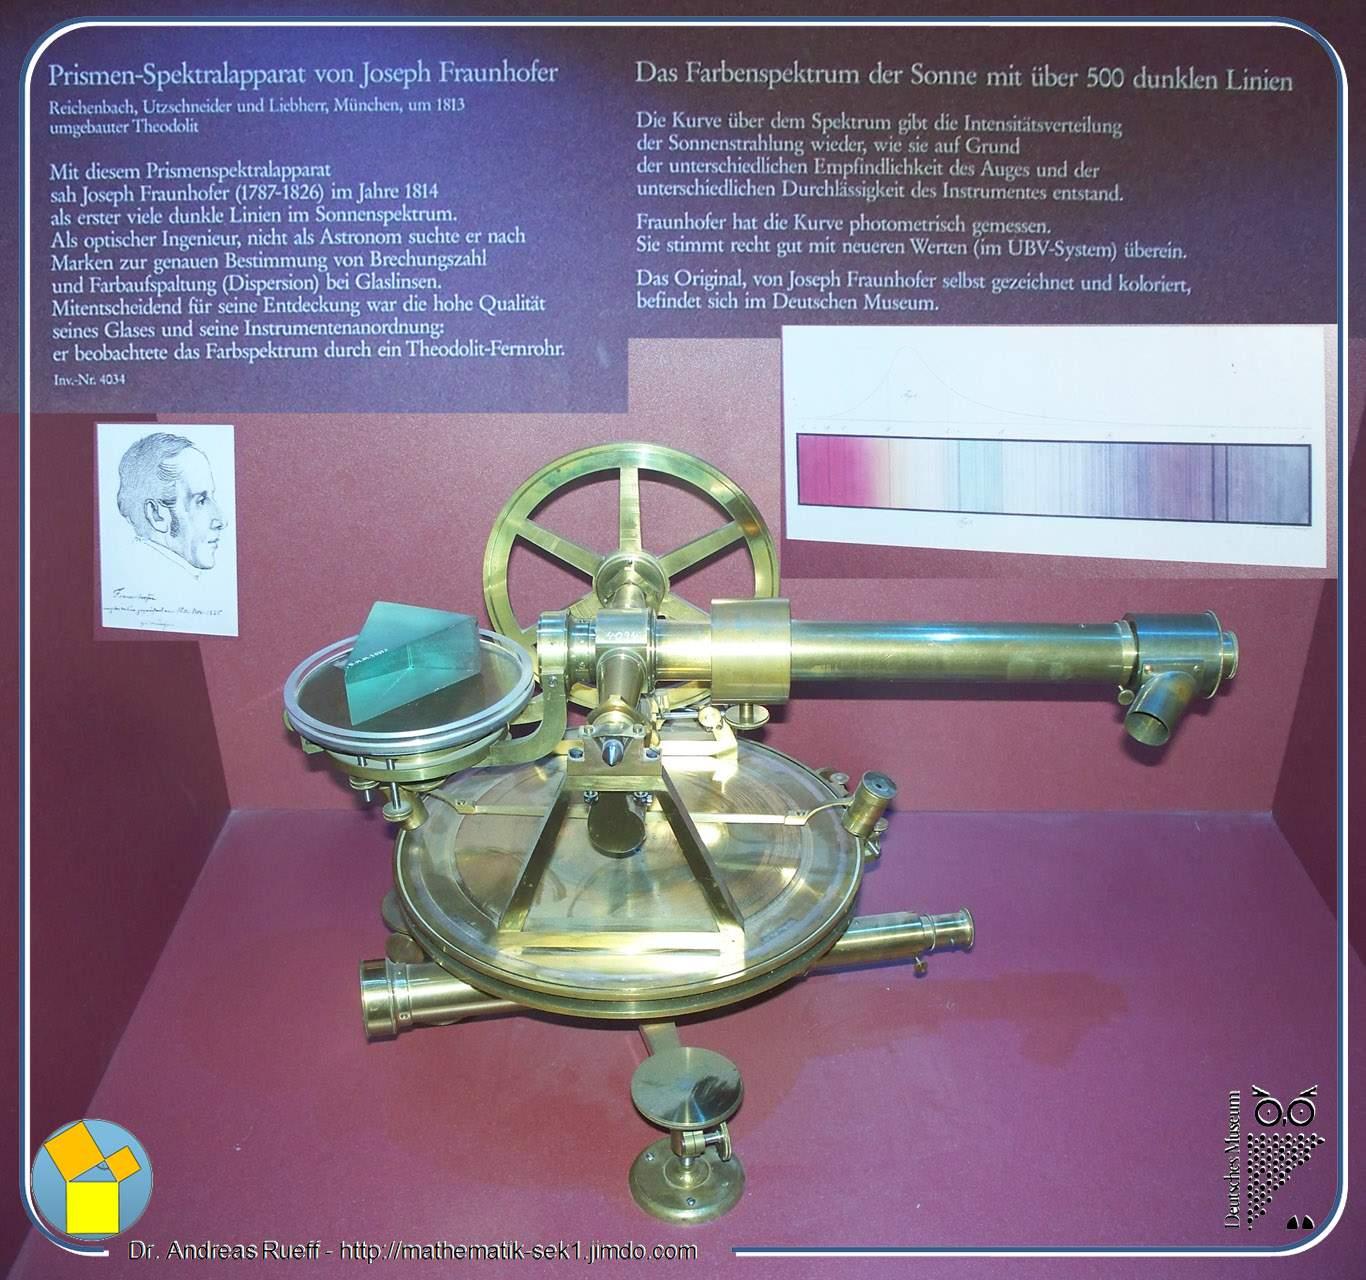 Prismen-Spektralapparat von Fraunhofer